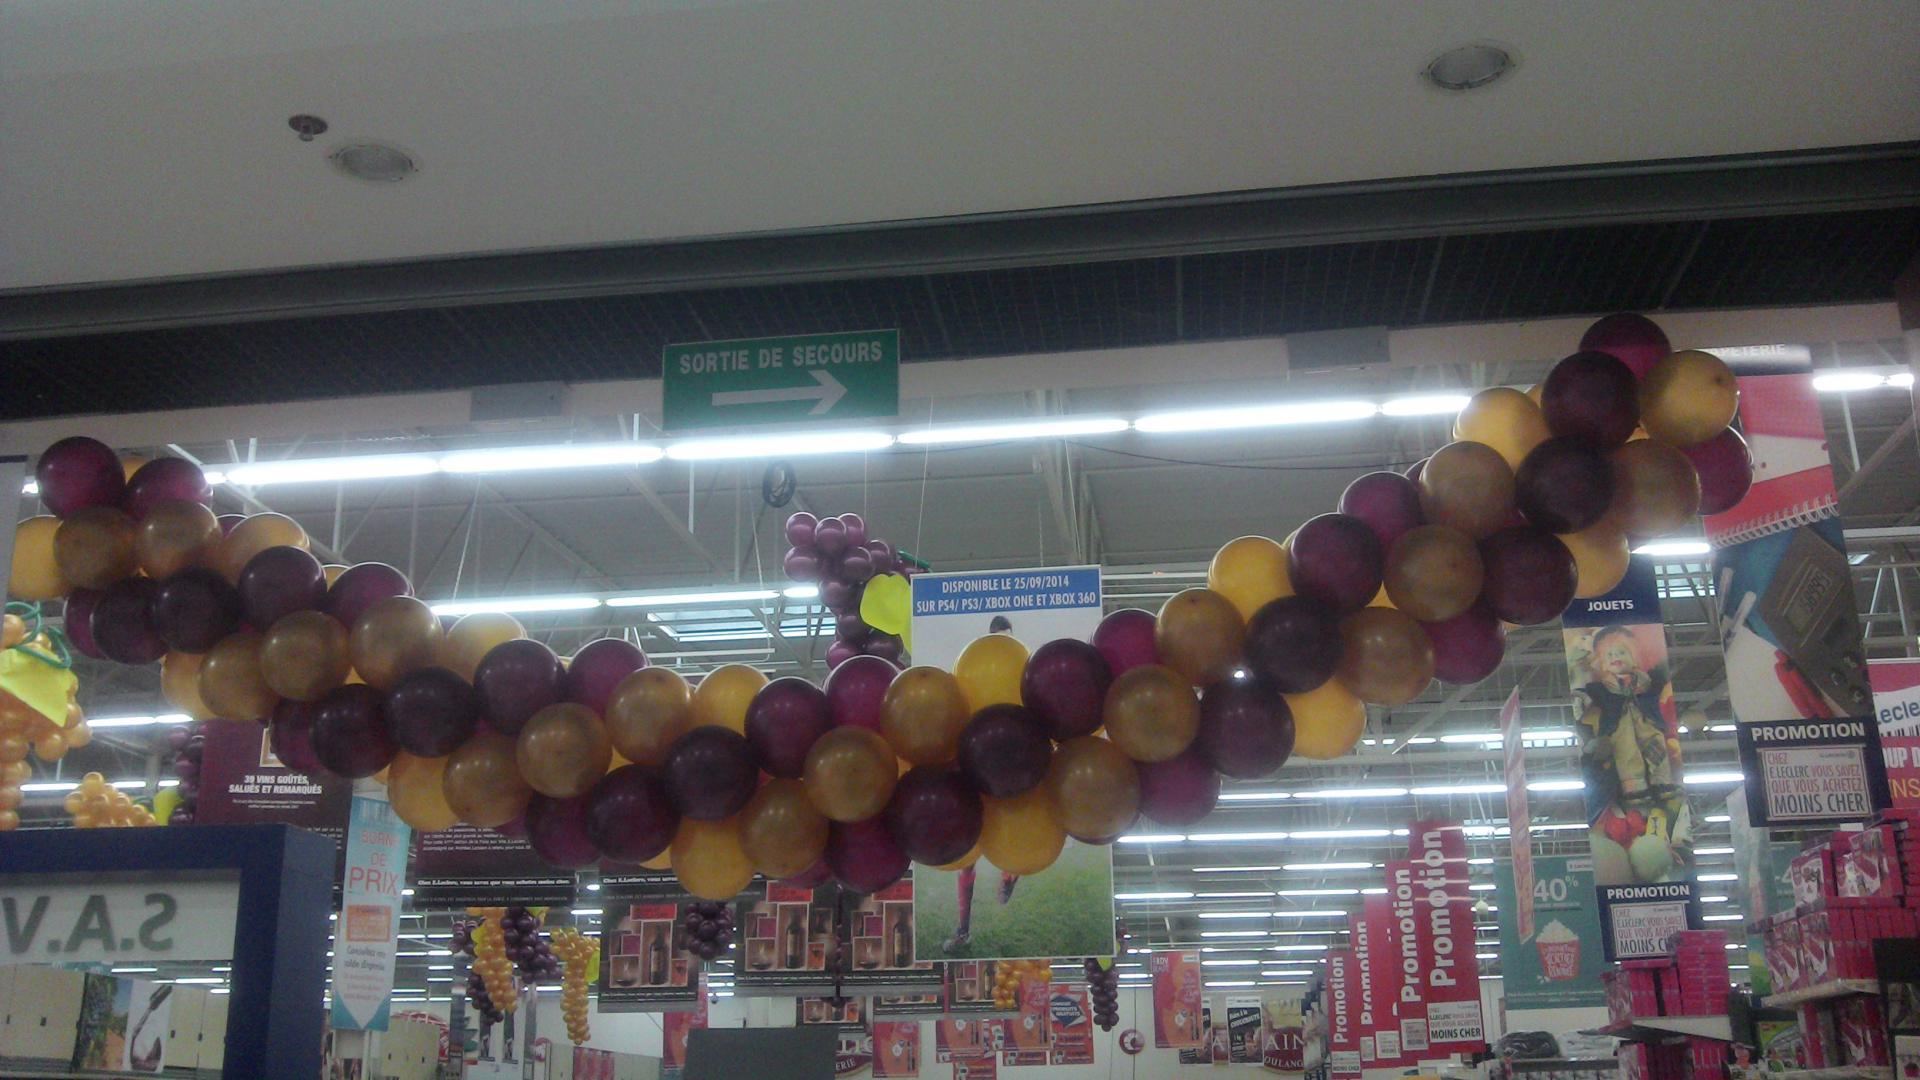 Arche d'entrée avec ballons